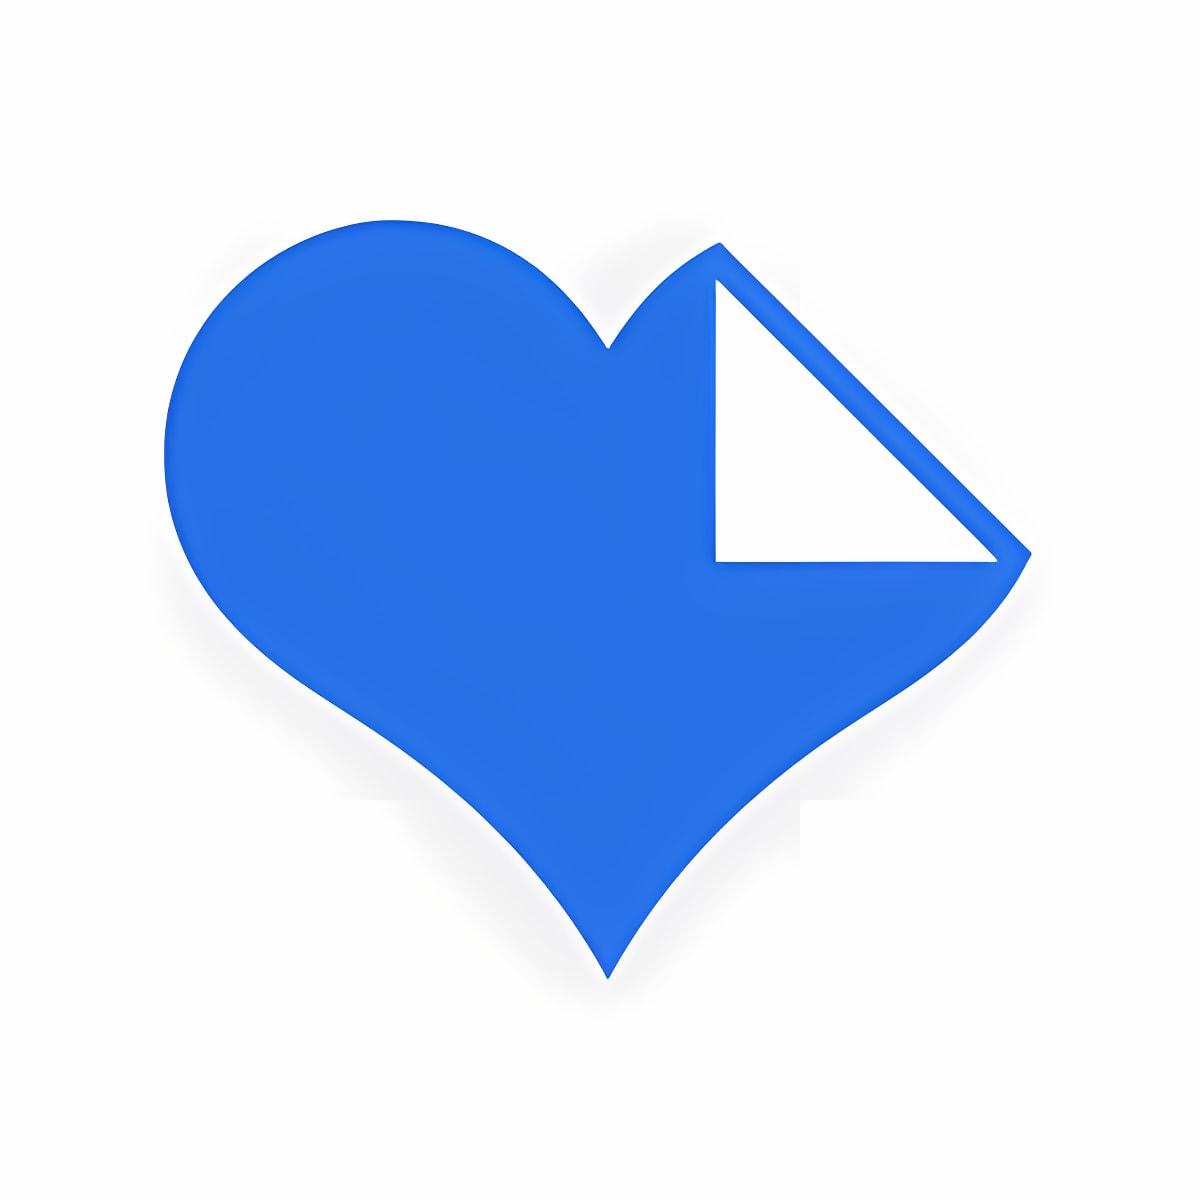 iloveimg.com 1.0